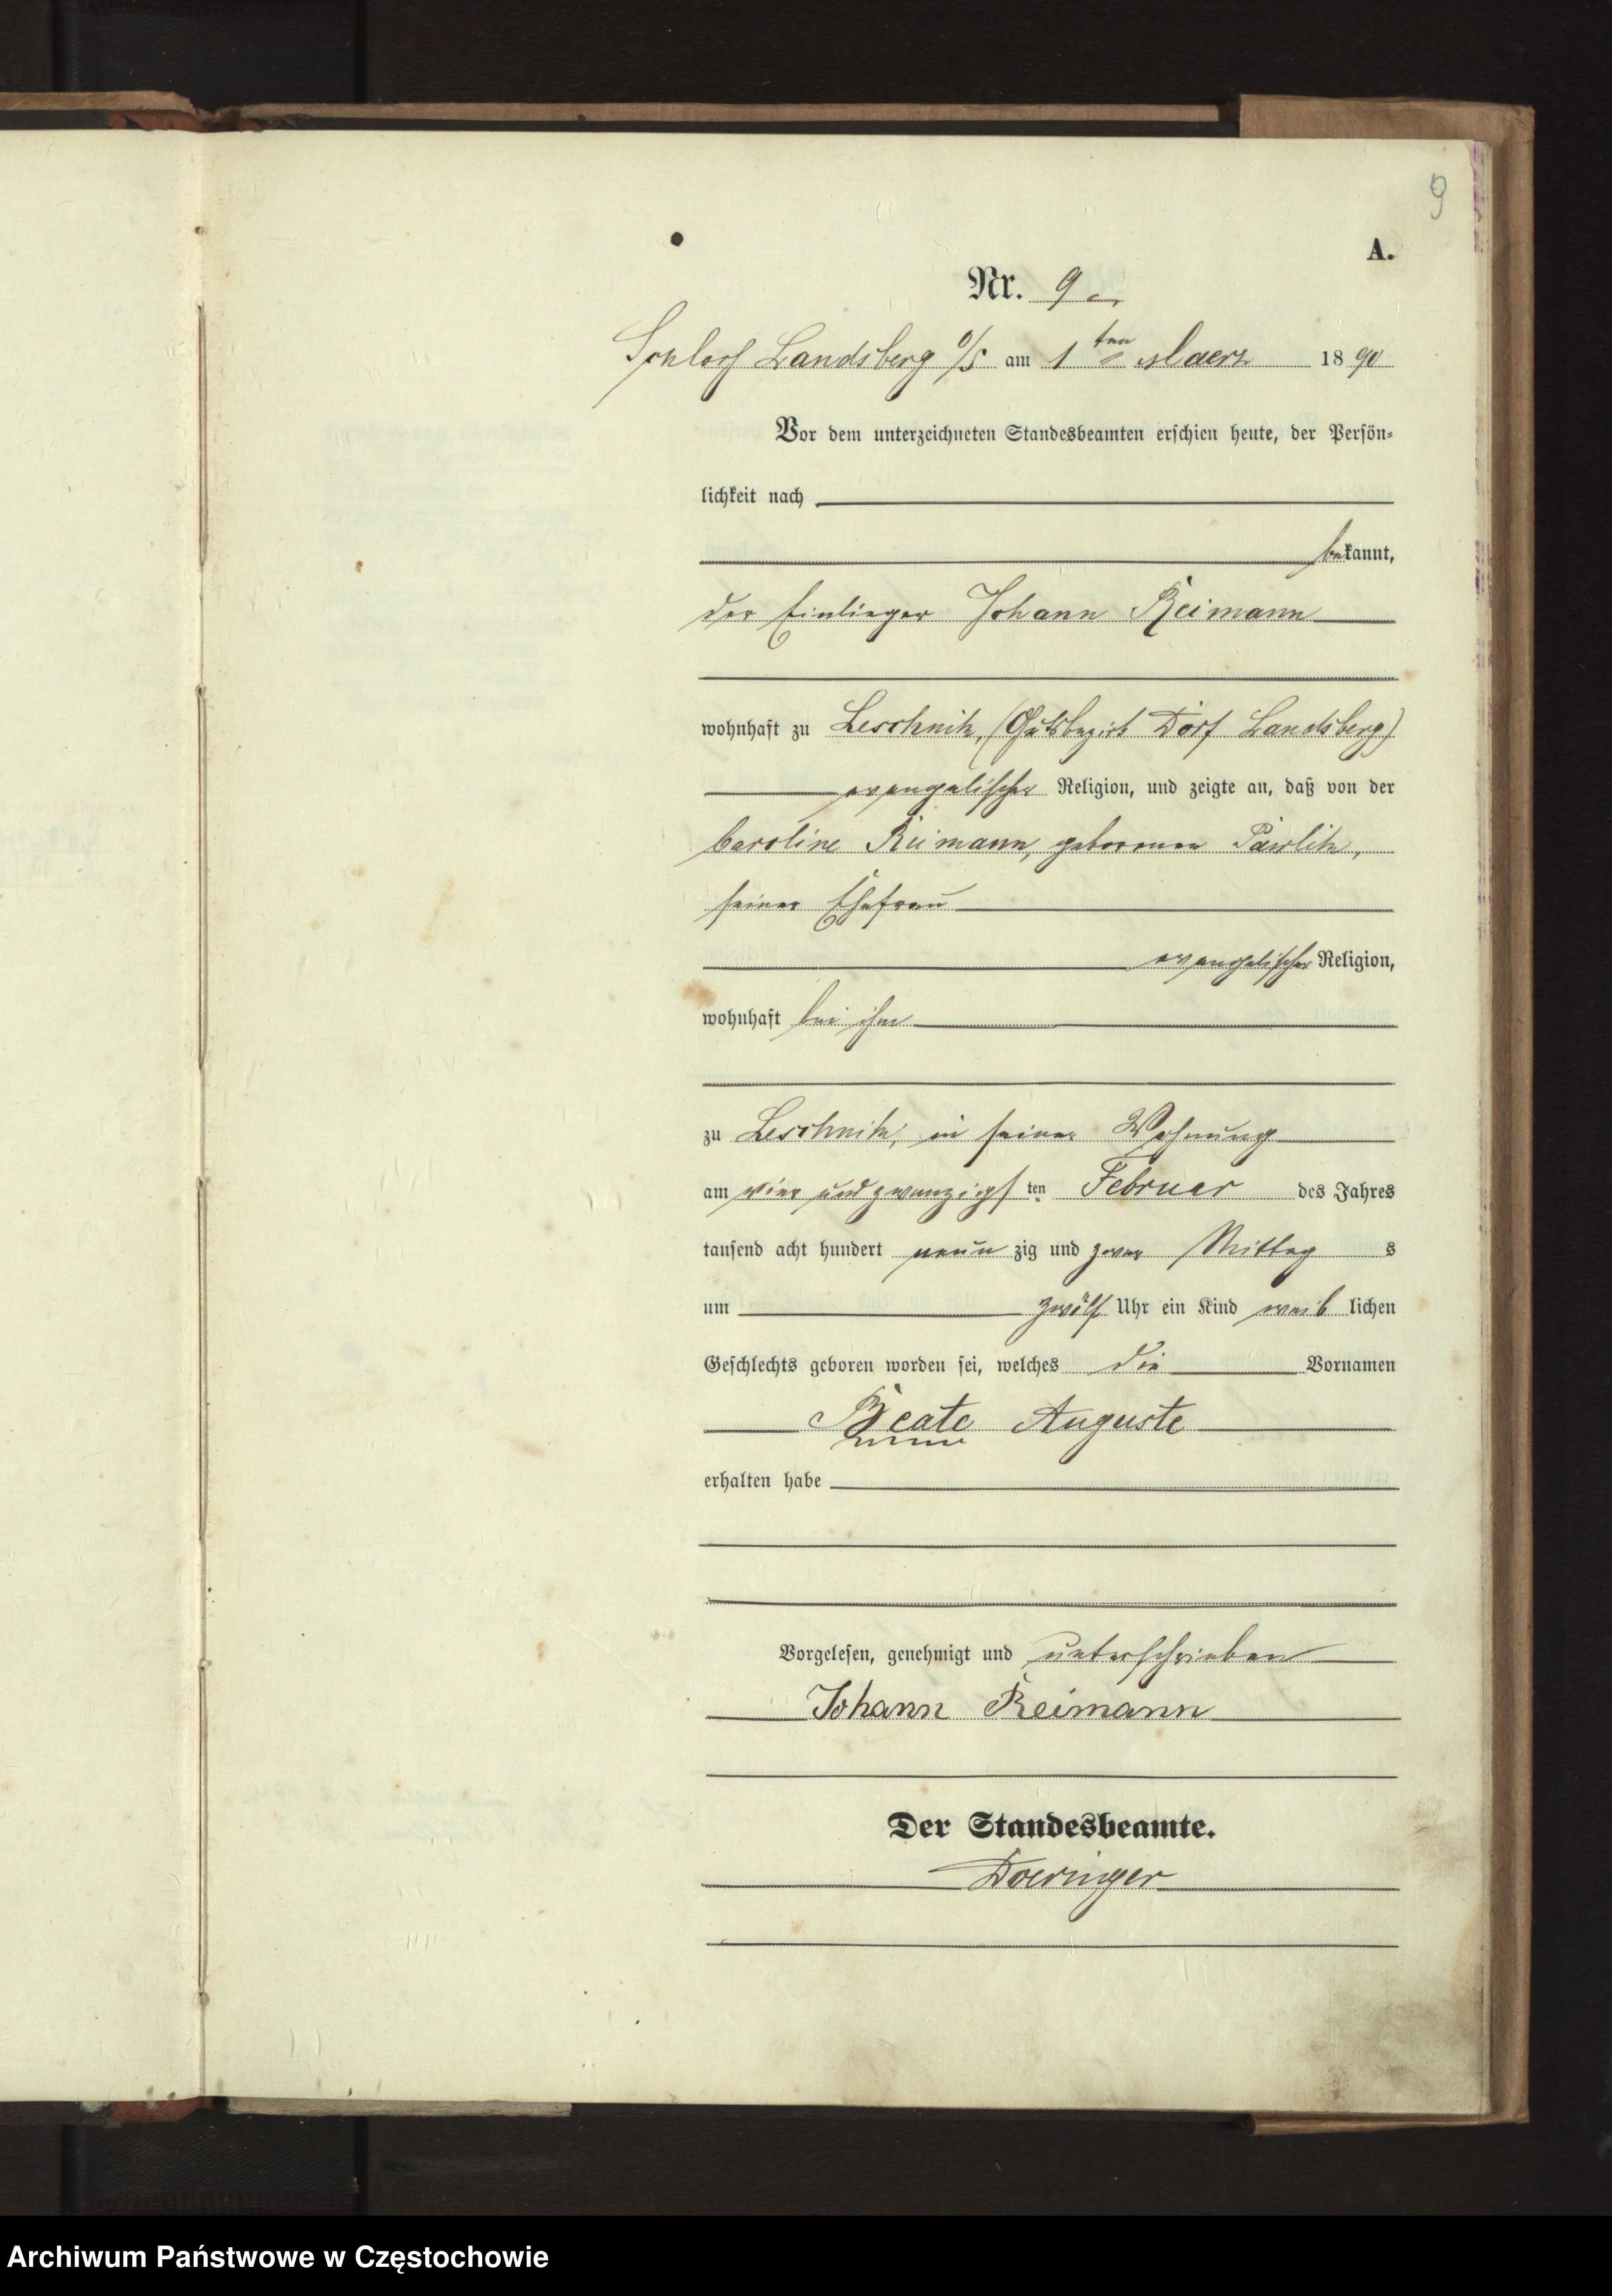 Skan z jednostki: Geburts - Haupt - Register des Koniglich Preussiechen Standesamts Wienskowitz  im Kreise Rosenberg o/ S. pro 1890.